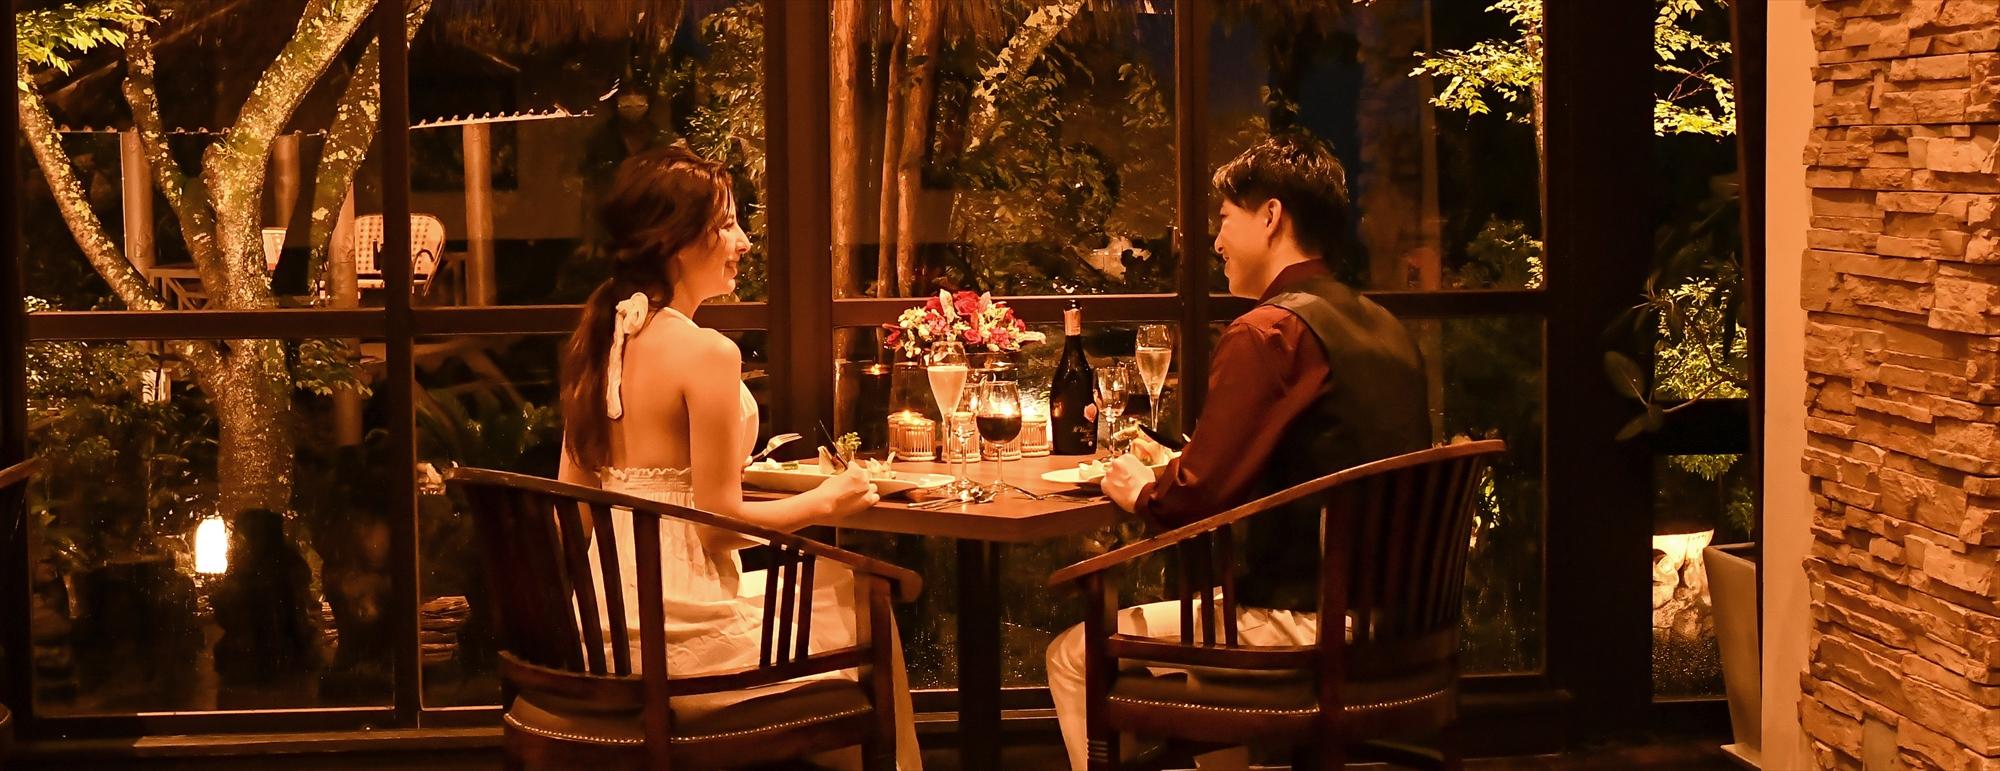 伊豆挙式前ロマンティックディナー Izu Wedding Romantic Dinner Anda Resort Izukogen 伊豆高原前撮り アンダリゾート